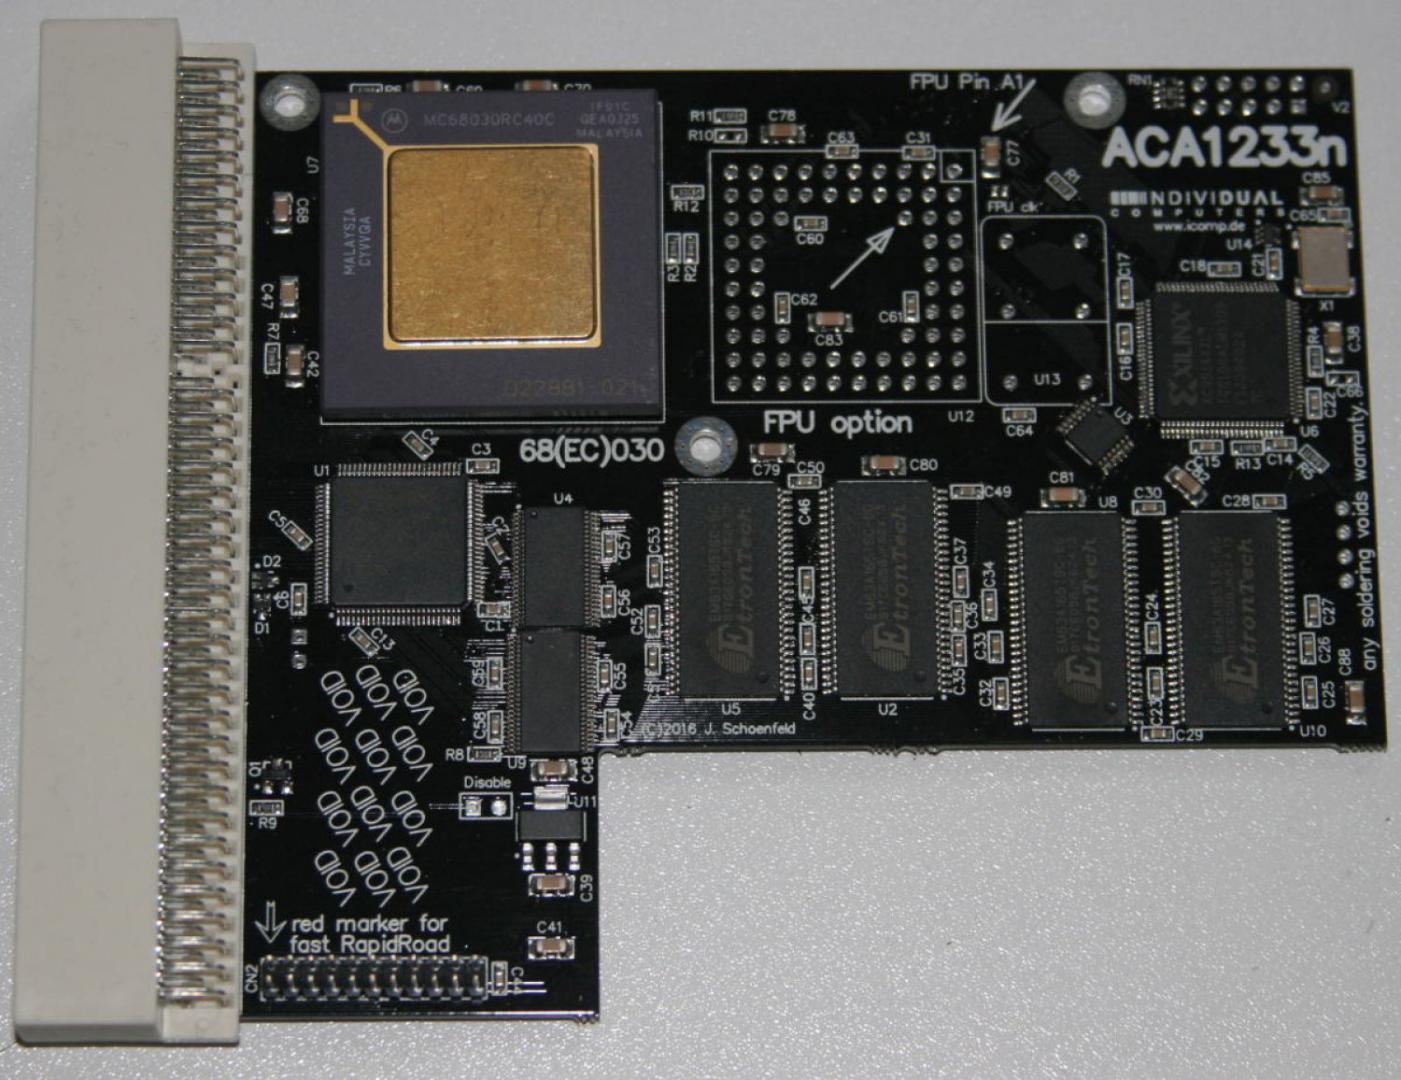 Klikněte na obrázek pro zobrazení větší verze  Název: aca1233n-40_production_unit-b2c01165.jpg Zobrazeno: 65 Velikost: 191,4 KB ID: 9623